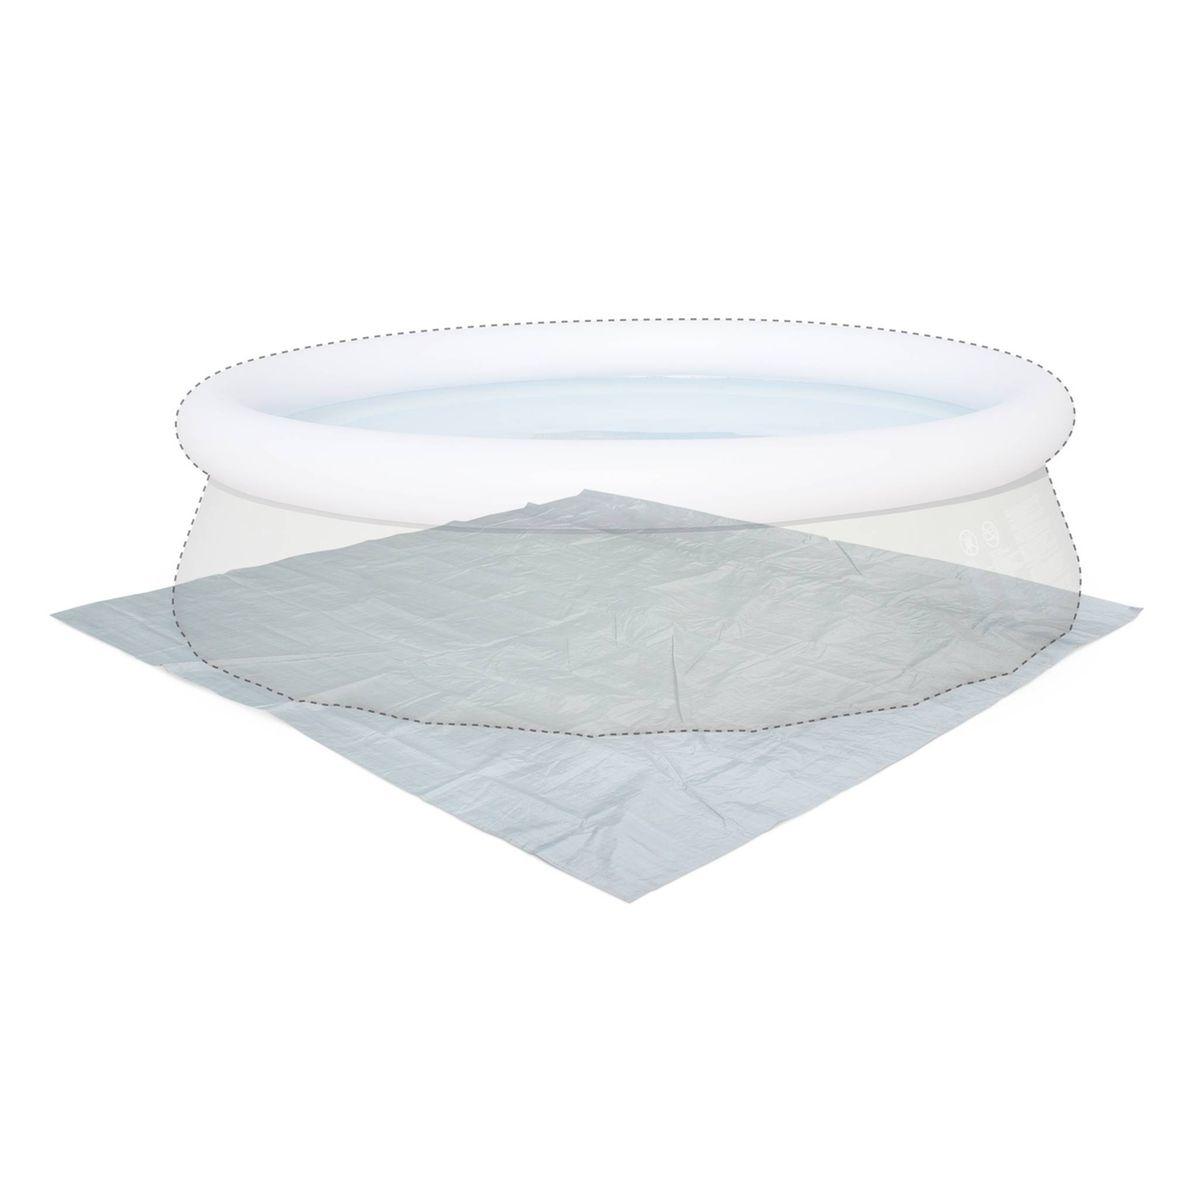 Gre tapis de sol feutrine pour piscine 640 cm vendu par - Tapis de sol pour piscine ronde ...